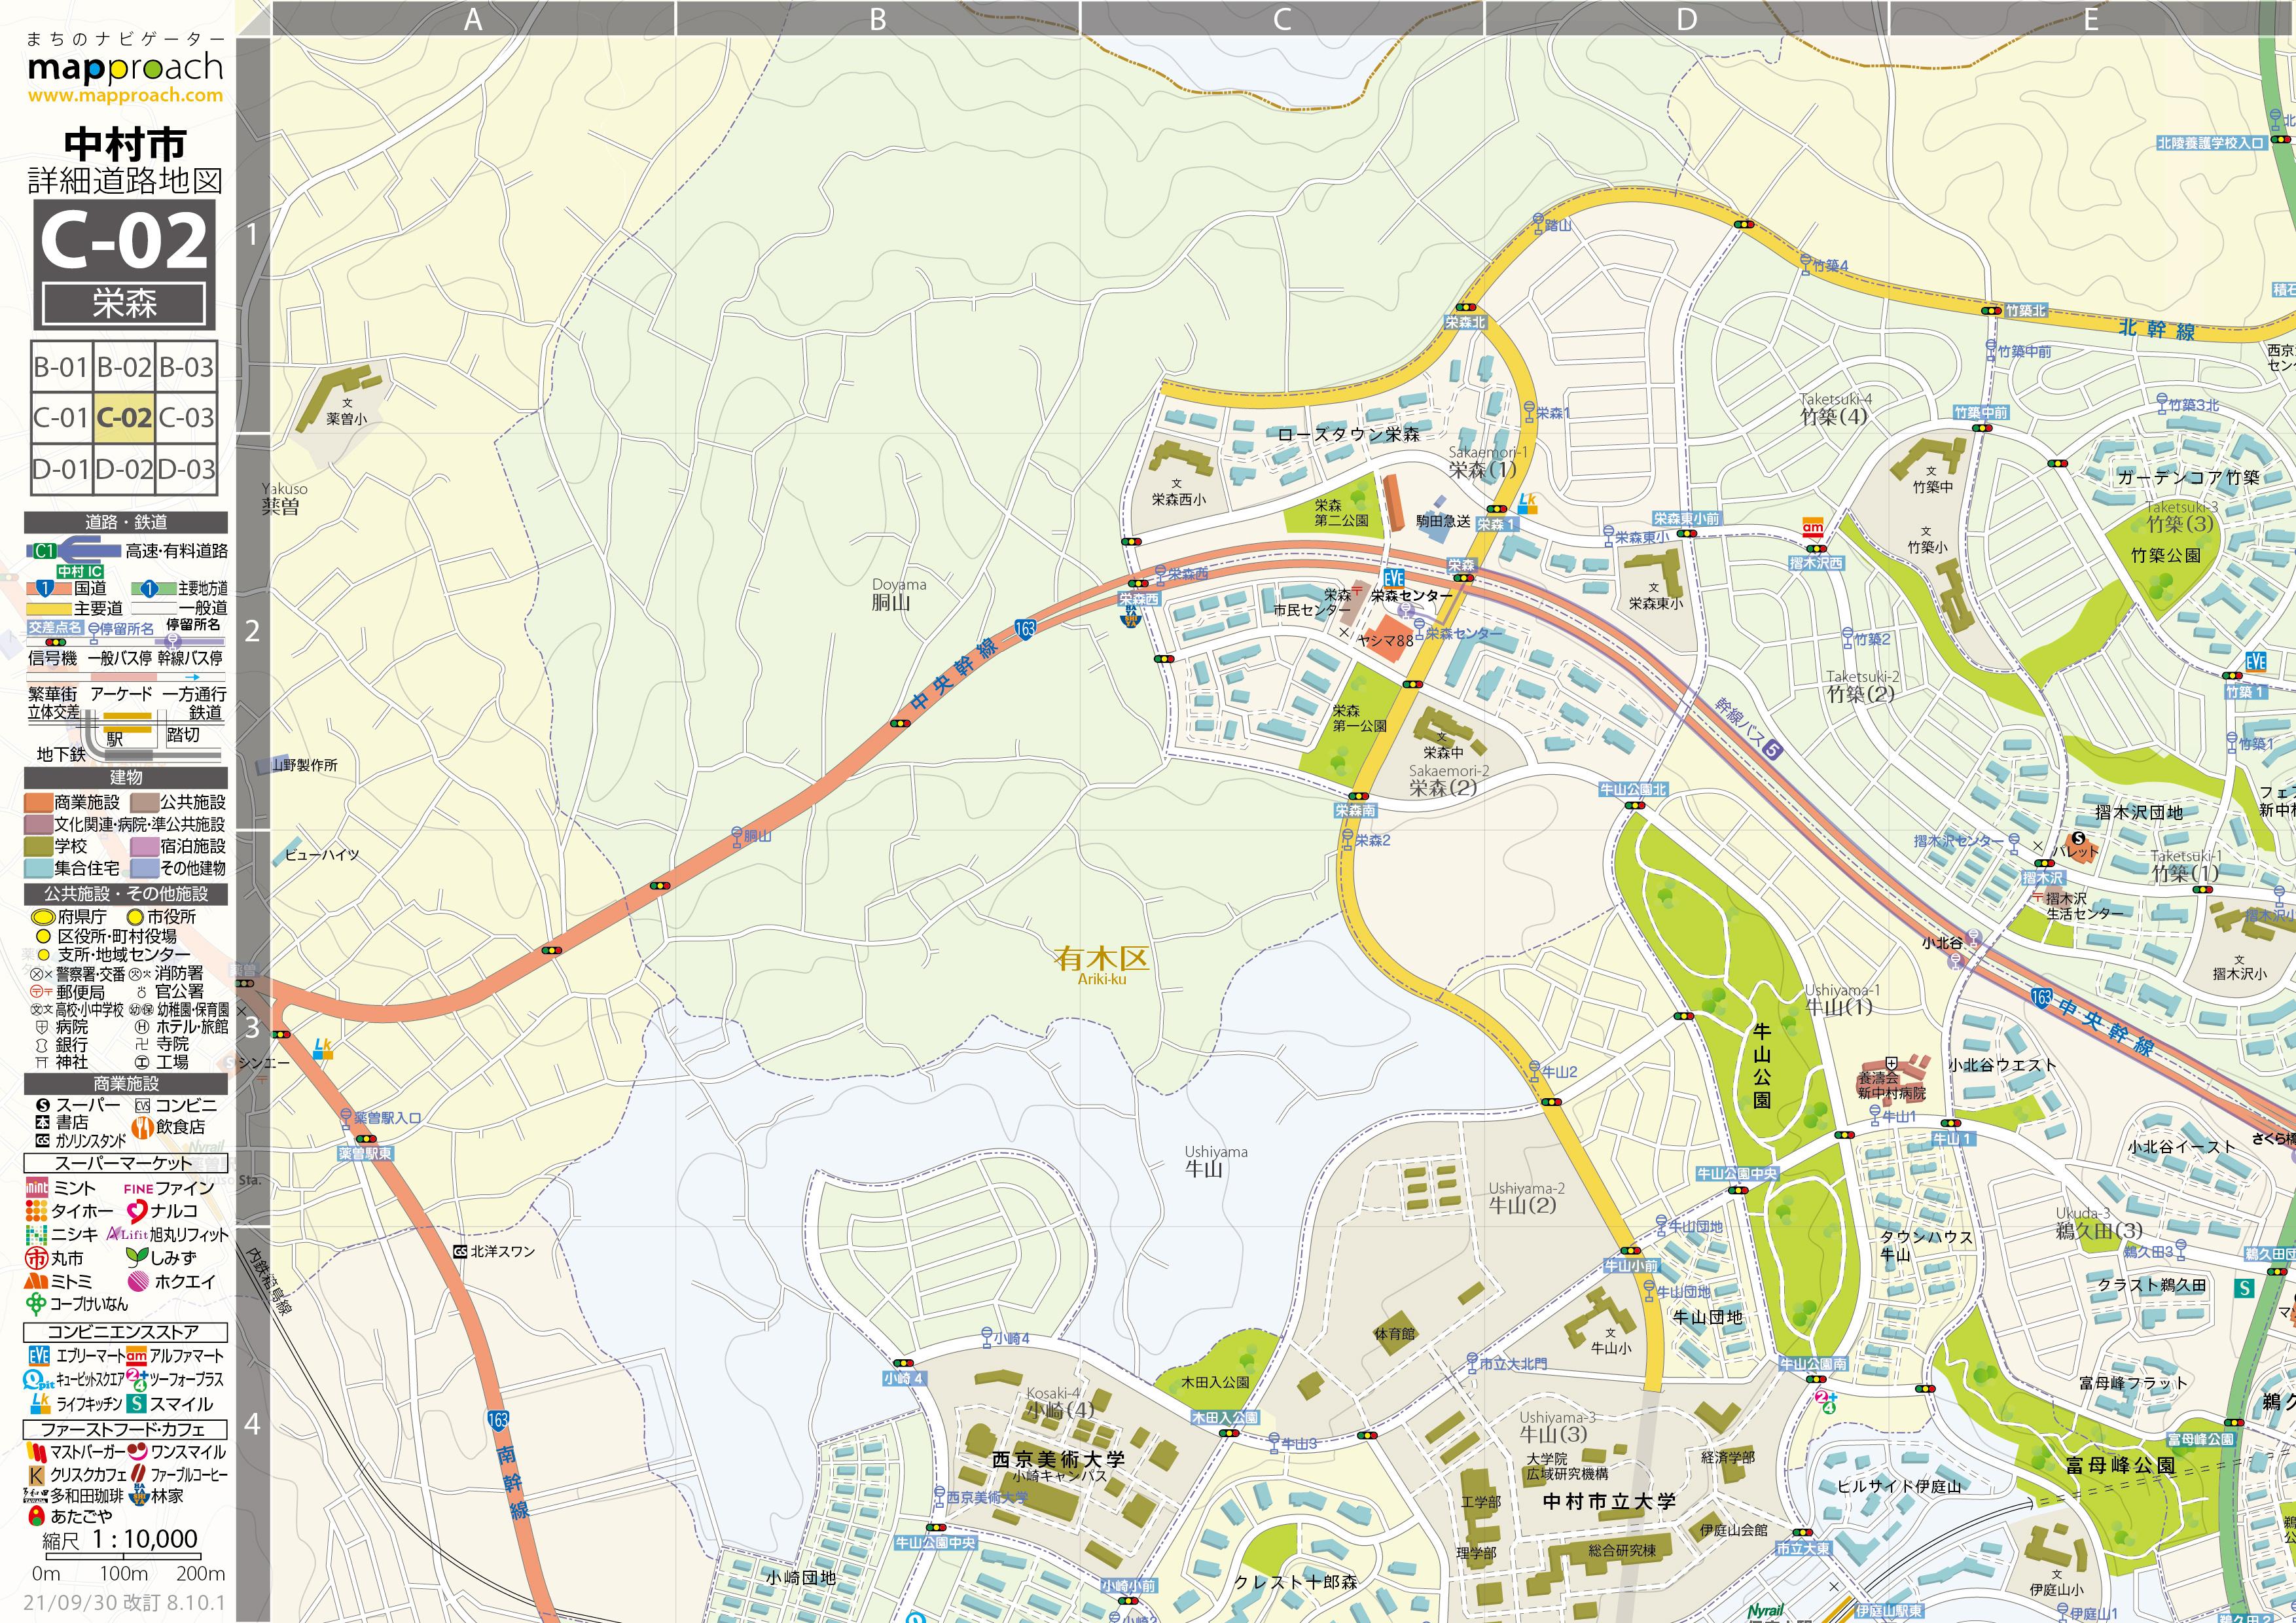 C-02 栄森 地図拡大